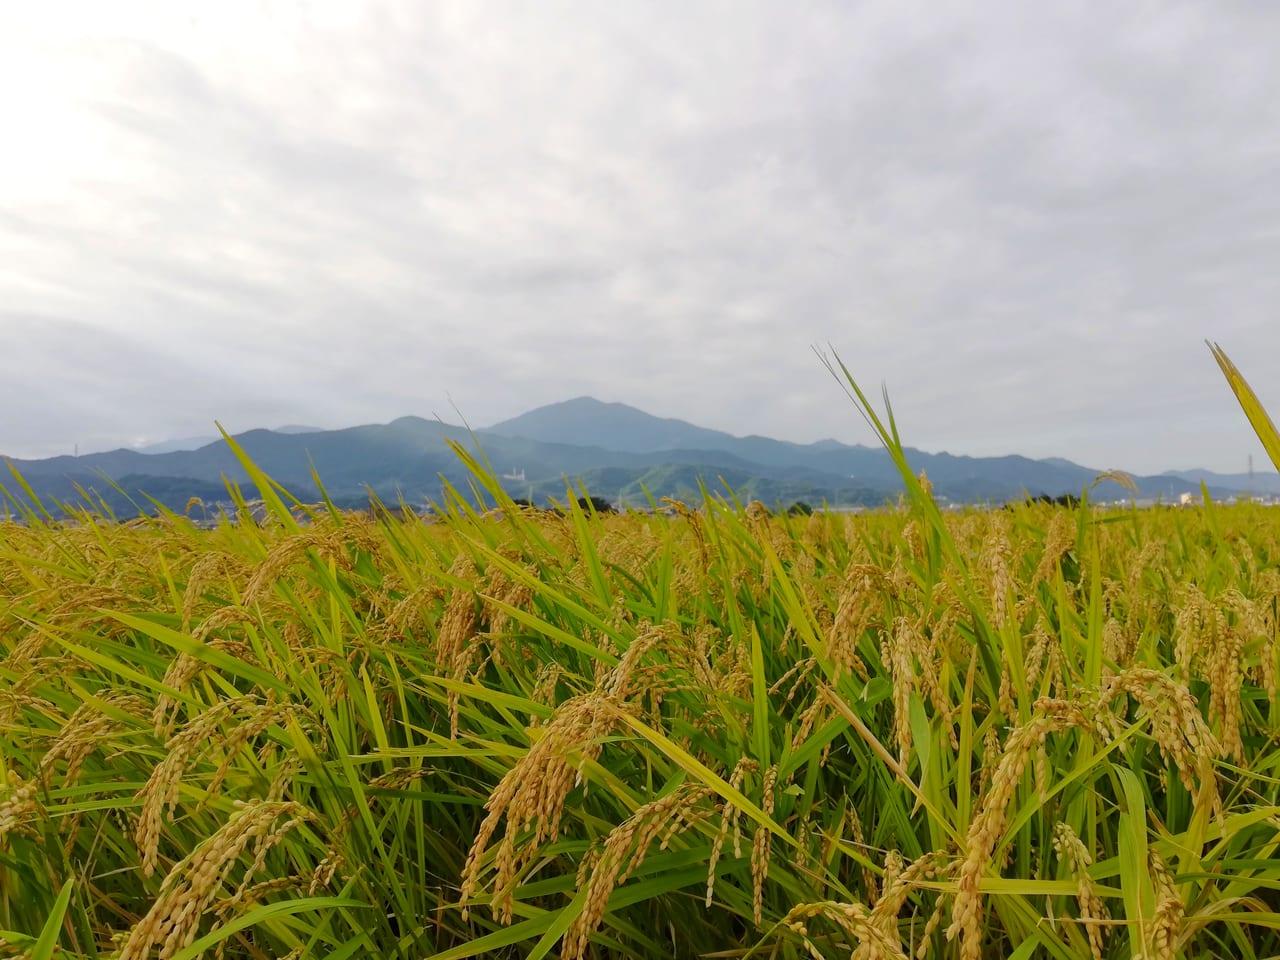 稲刈りシーズン到来!平塚の田んぼは黄金色に輝いています!